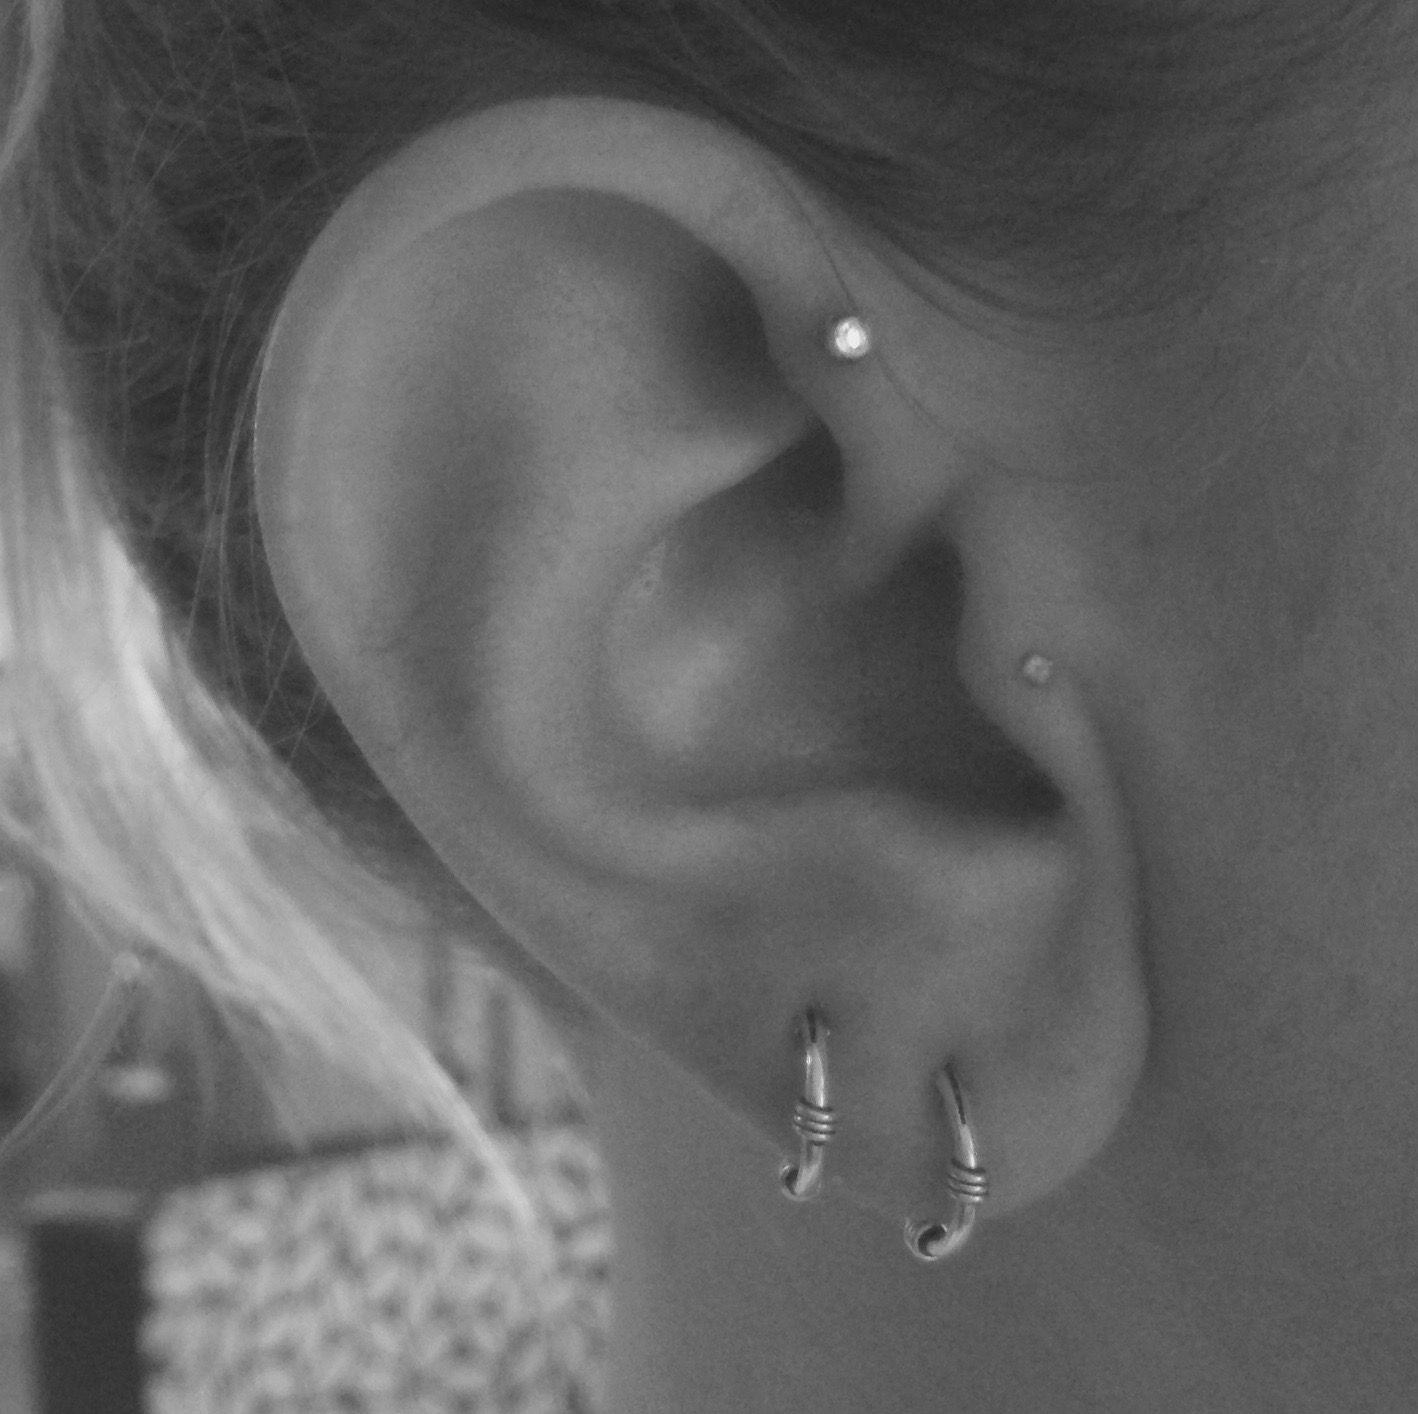 le dernier e846d 3a968 Piercing tragus, piercing anti-hélix (haut de l'oreille ...